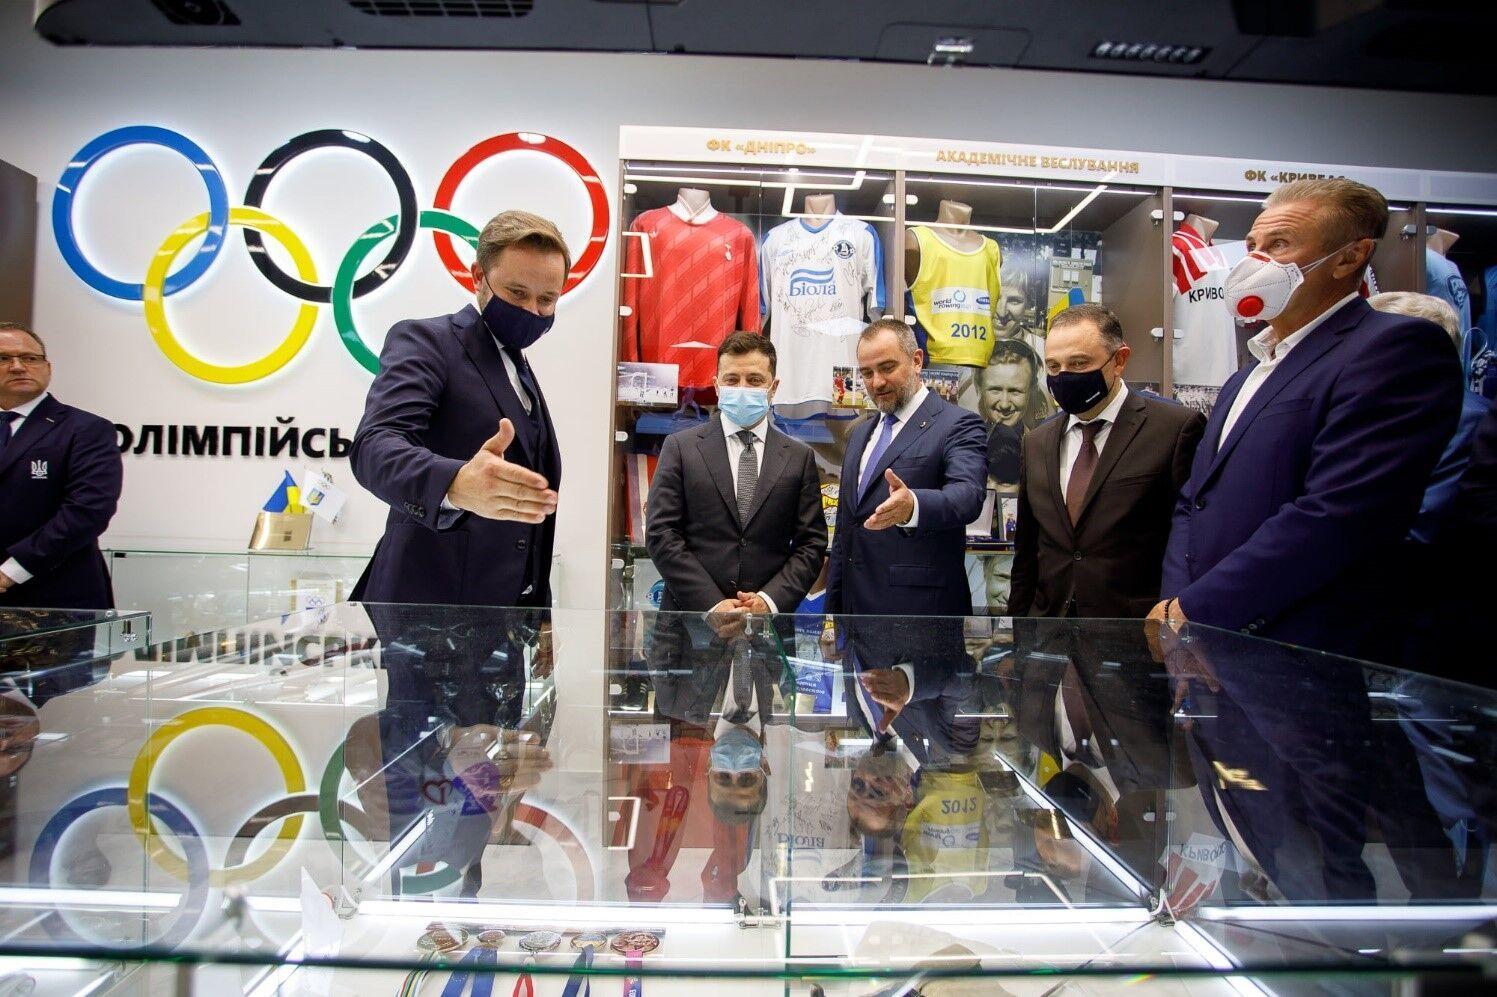 Зеленский приехал на открытие Олимпийского дома